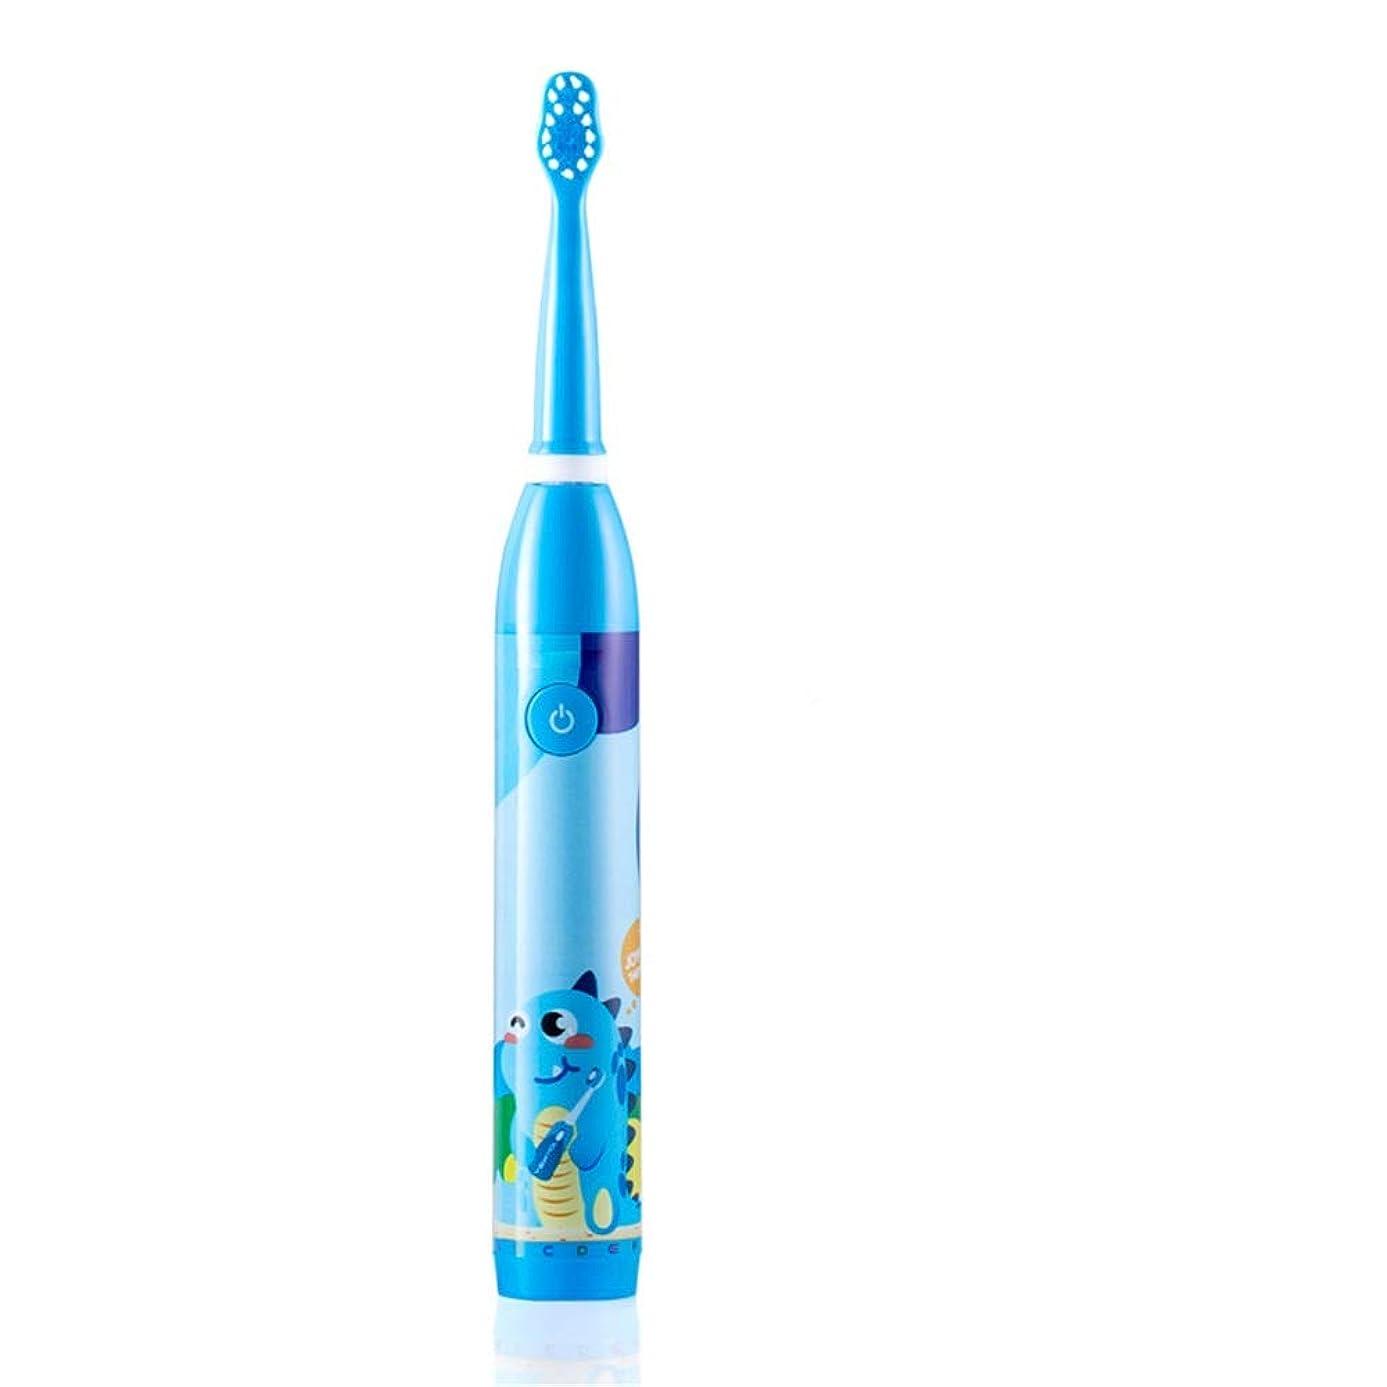 ご意見影響アセンブリ電動歯ブラシ 子供のための適切な子供の電動歯ブラシUSB充電式防水保護ホワイトニング6-12 ケアー プロテクトクリーン (色 : 青, サイズ : Free size)